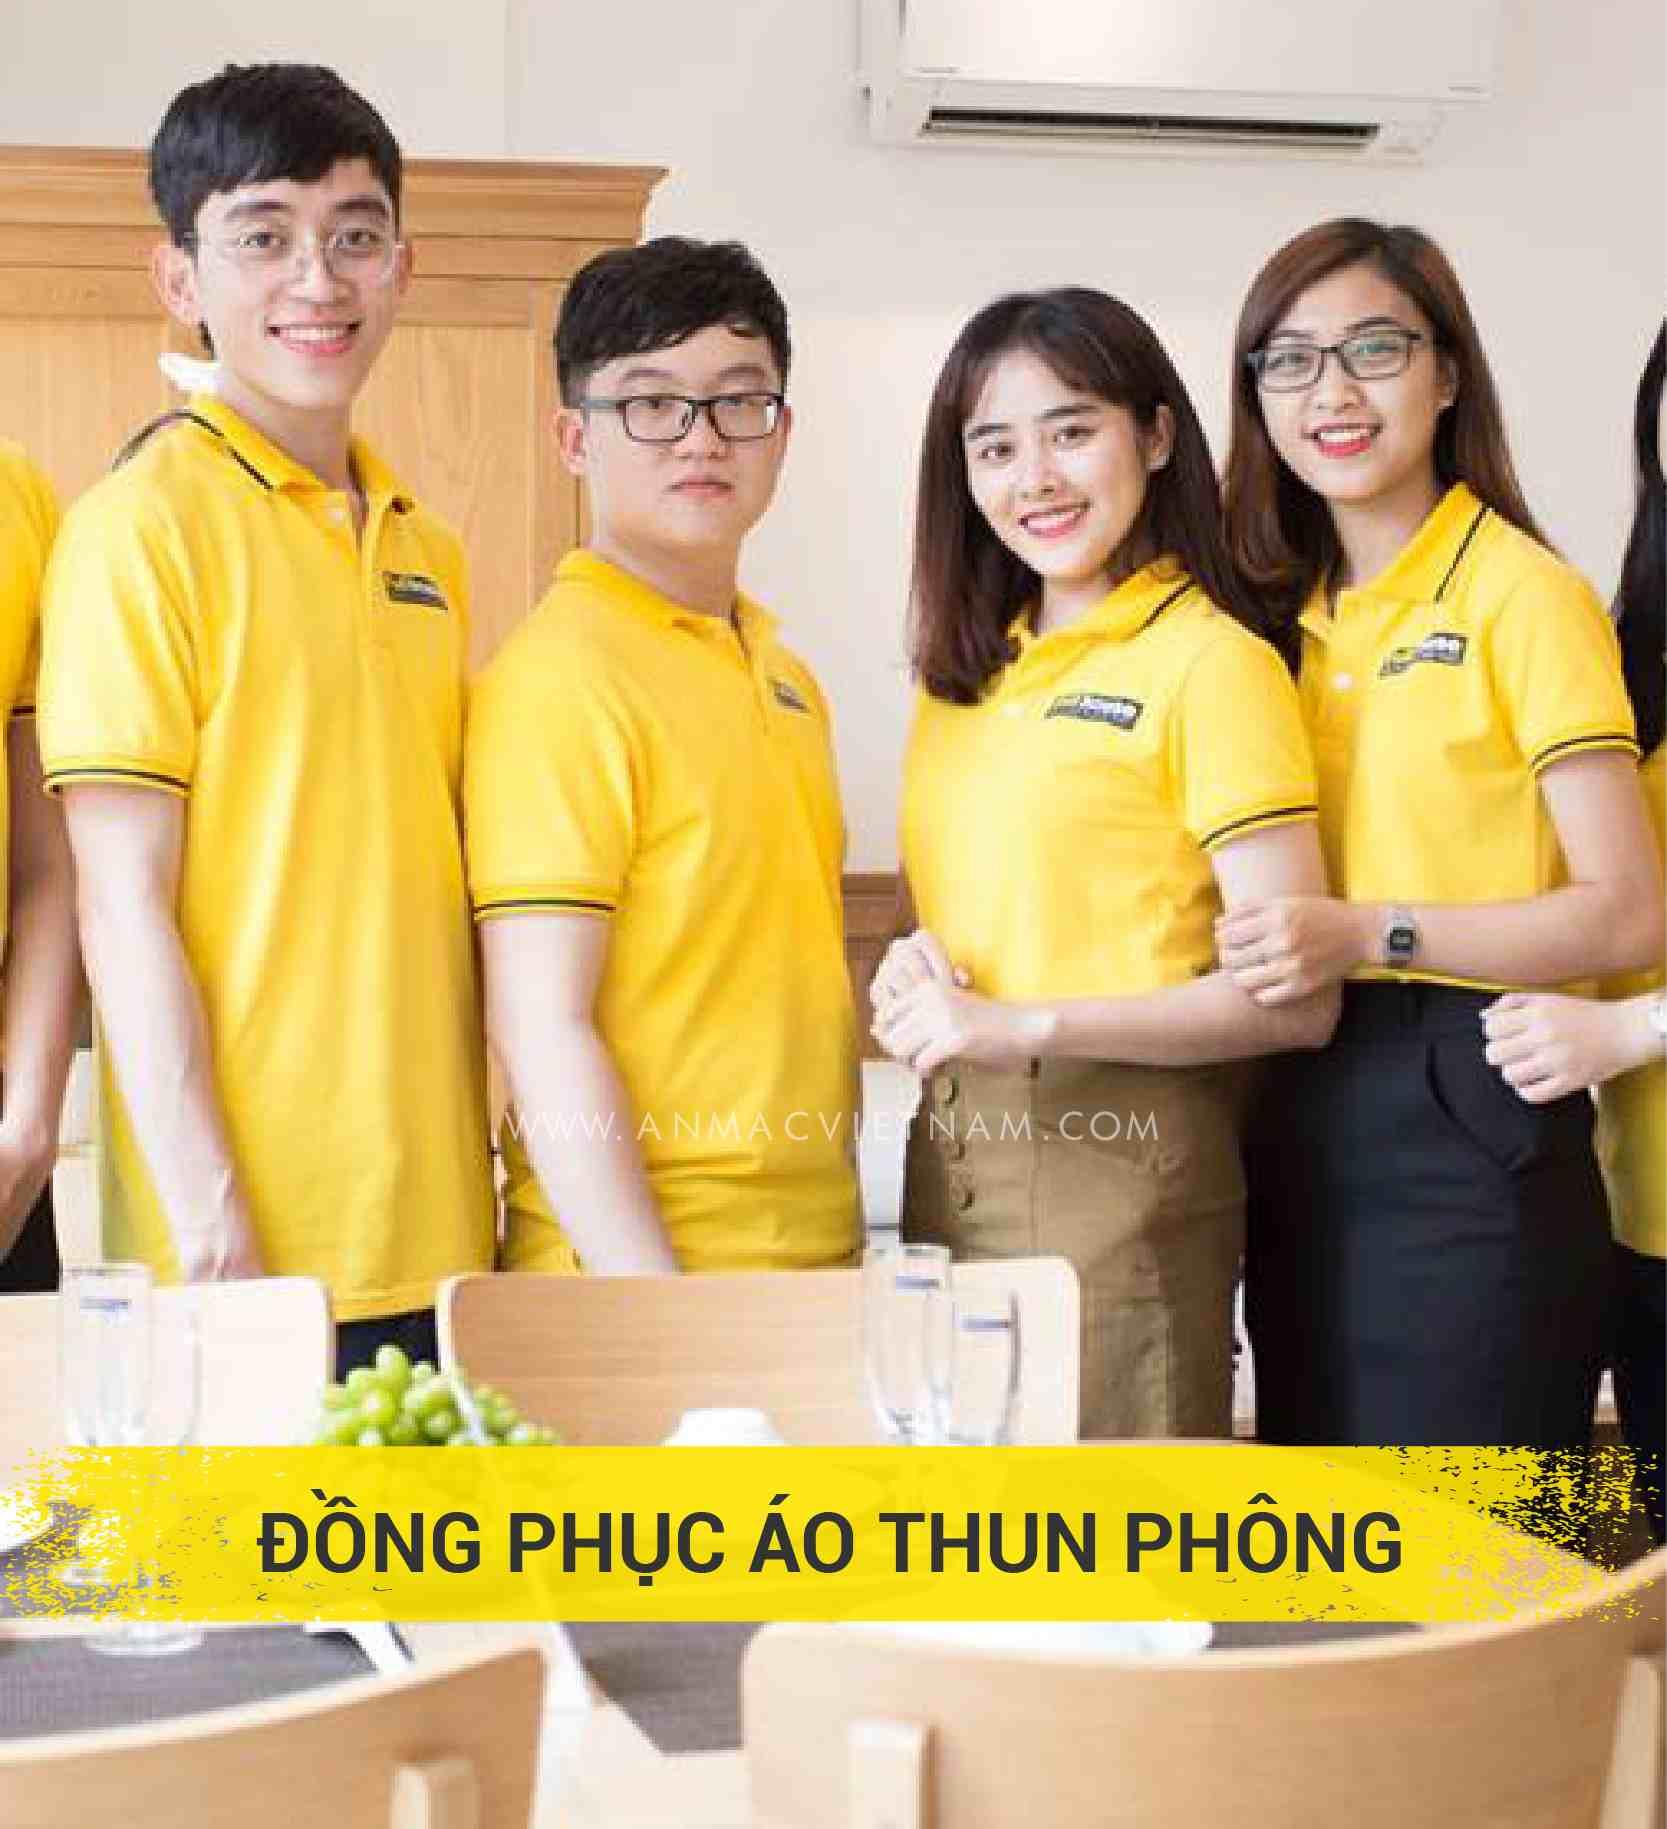 dong-phuc-ao-thun-ao-phong Danh mục sản phẩm theo ngành